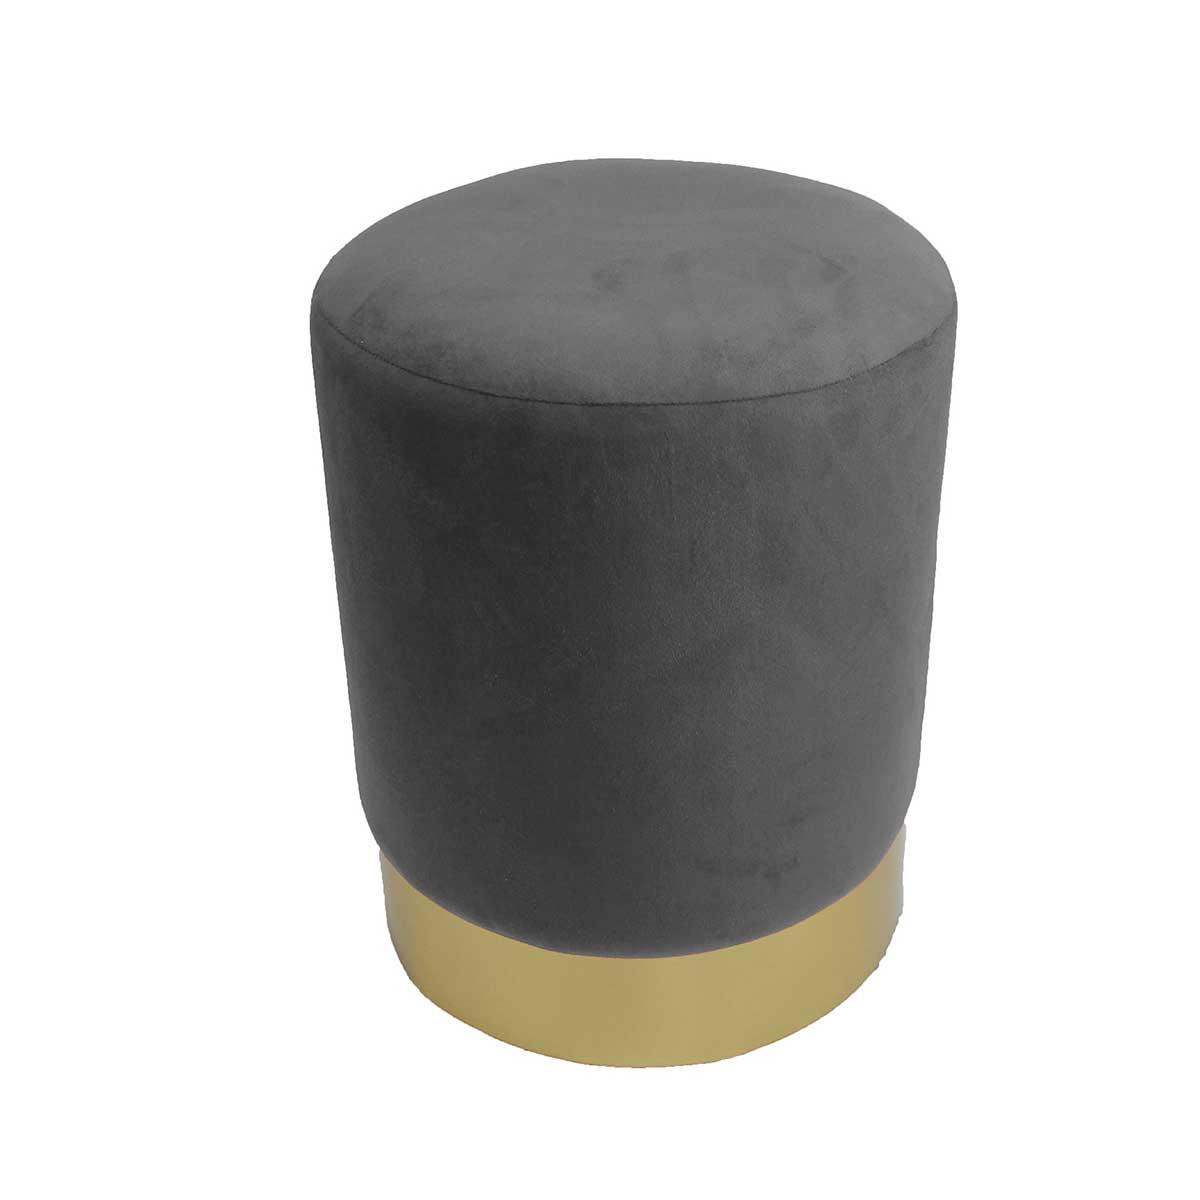 Tabouret en velours et métal doré (Anthracite)